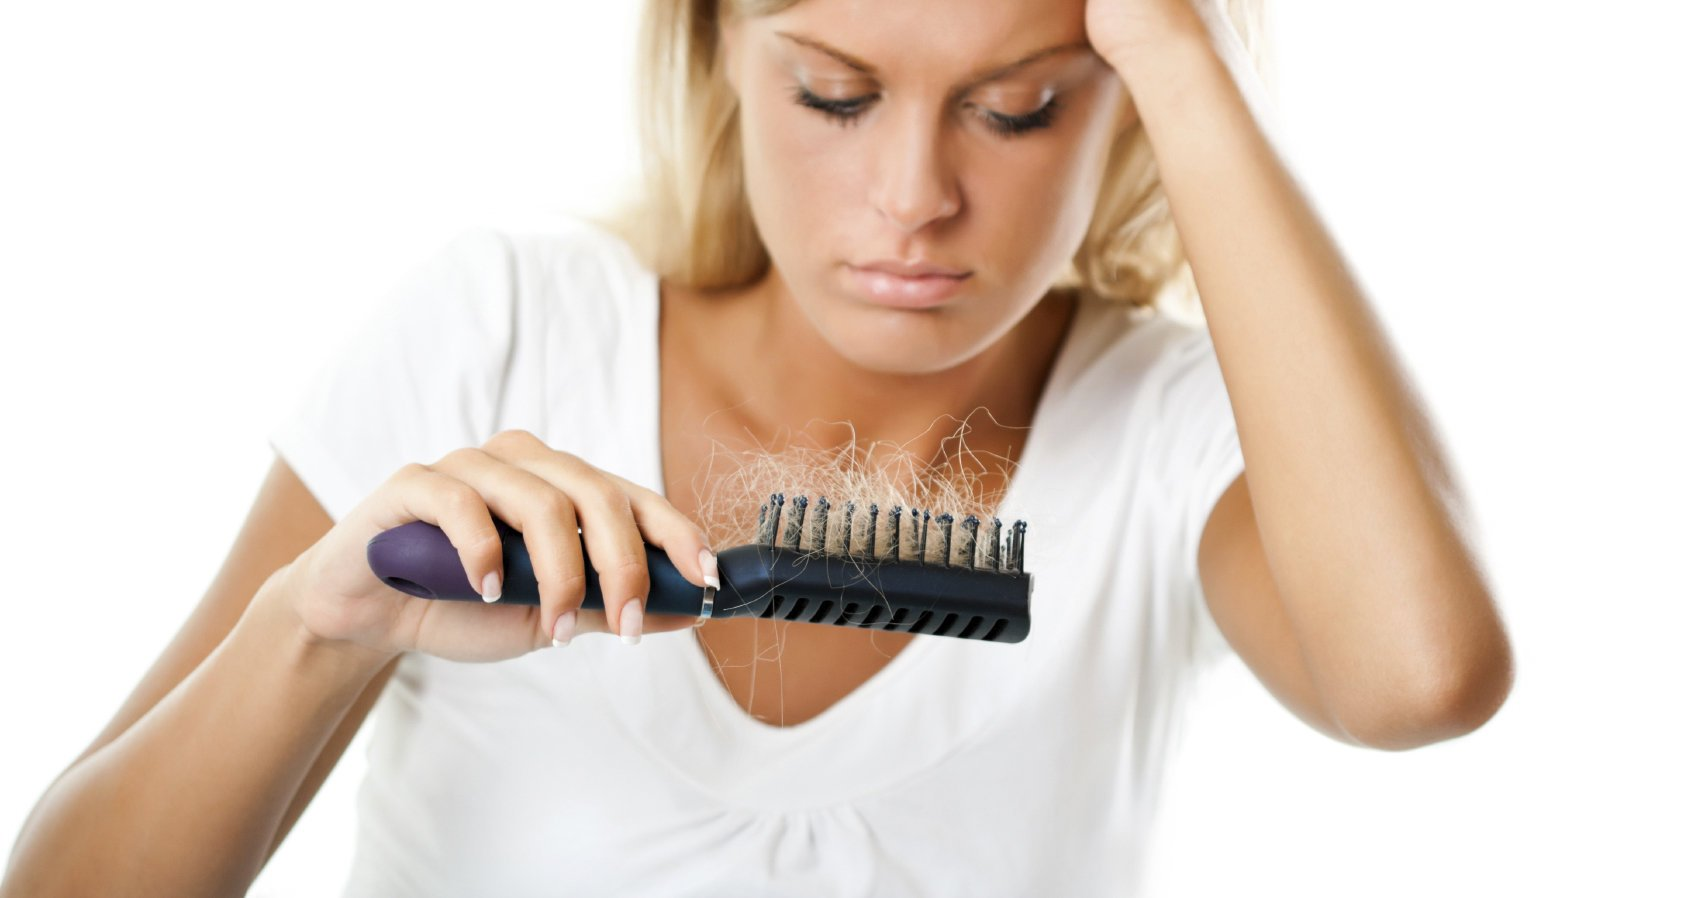 Самая эффективная маска от выпадения волос в домашних условиях